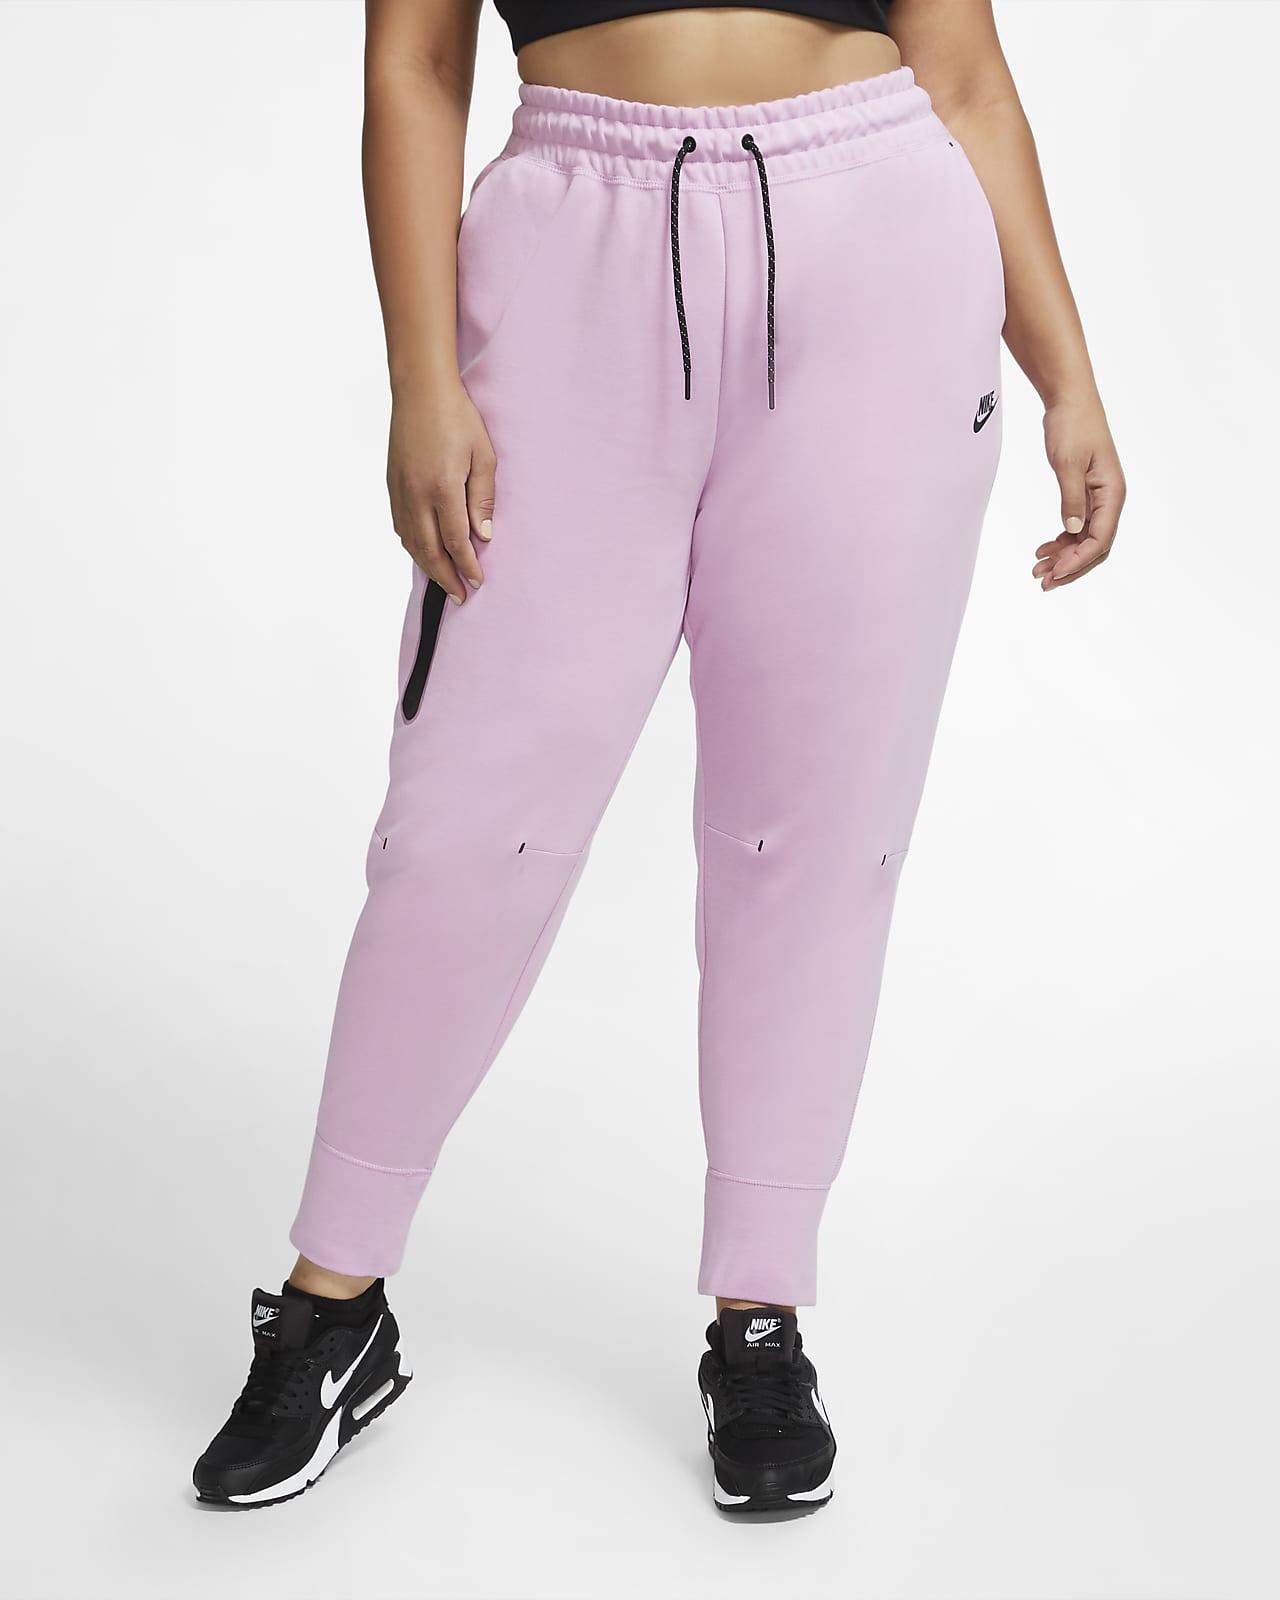 Nike Sportswear Tech Fleece bukse til dame (store størrelser)